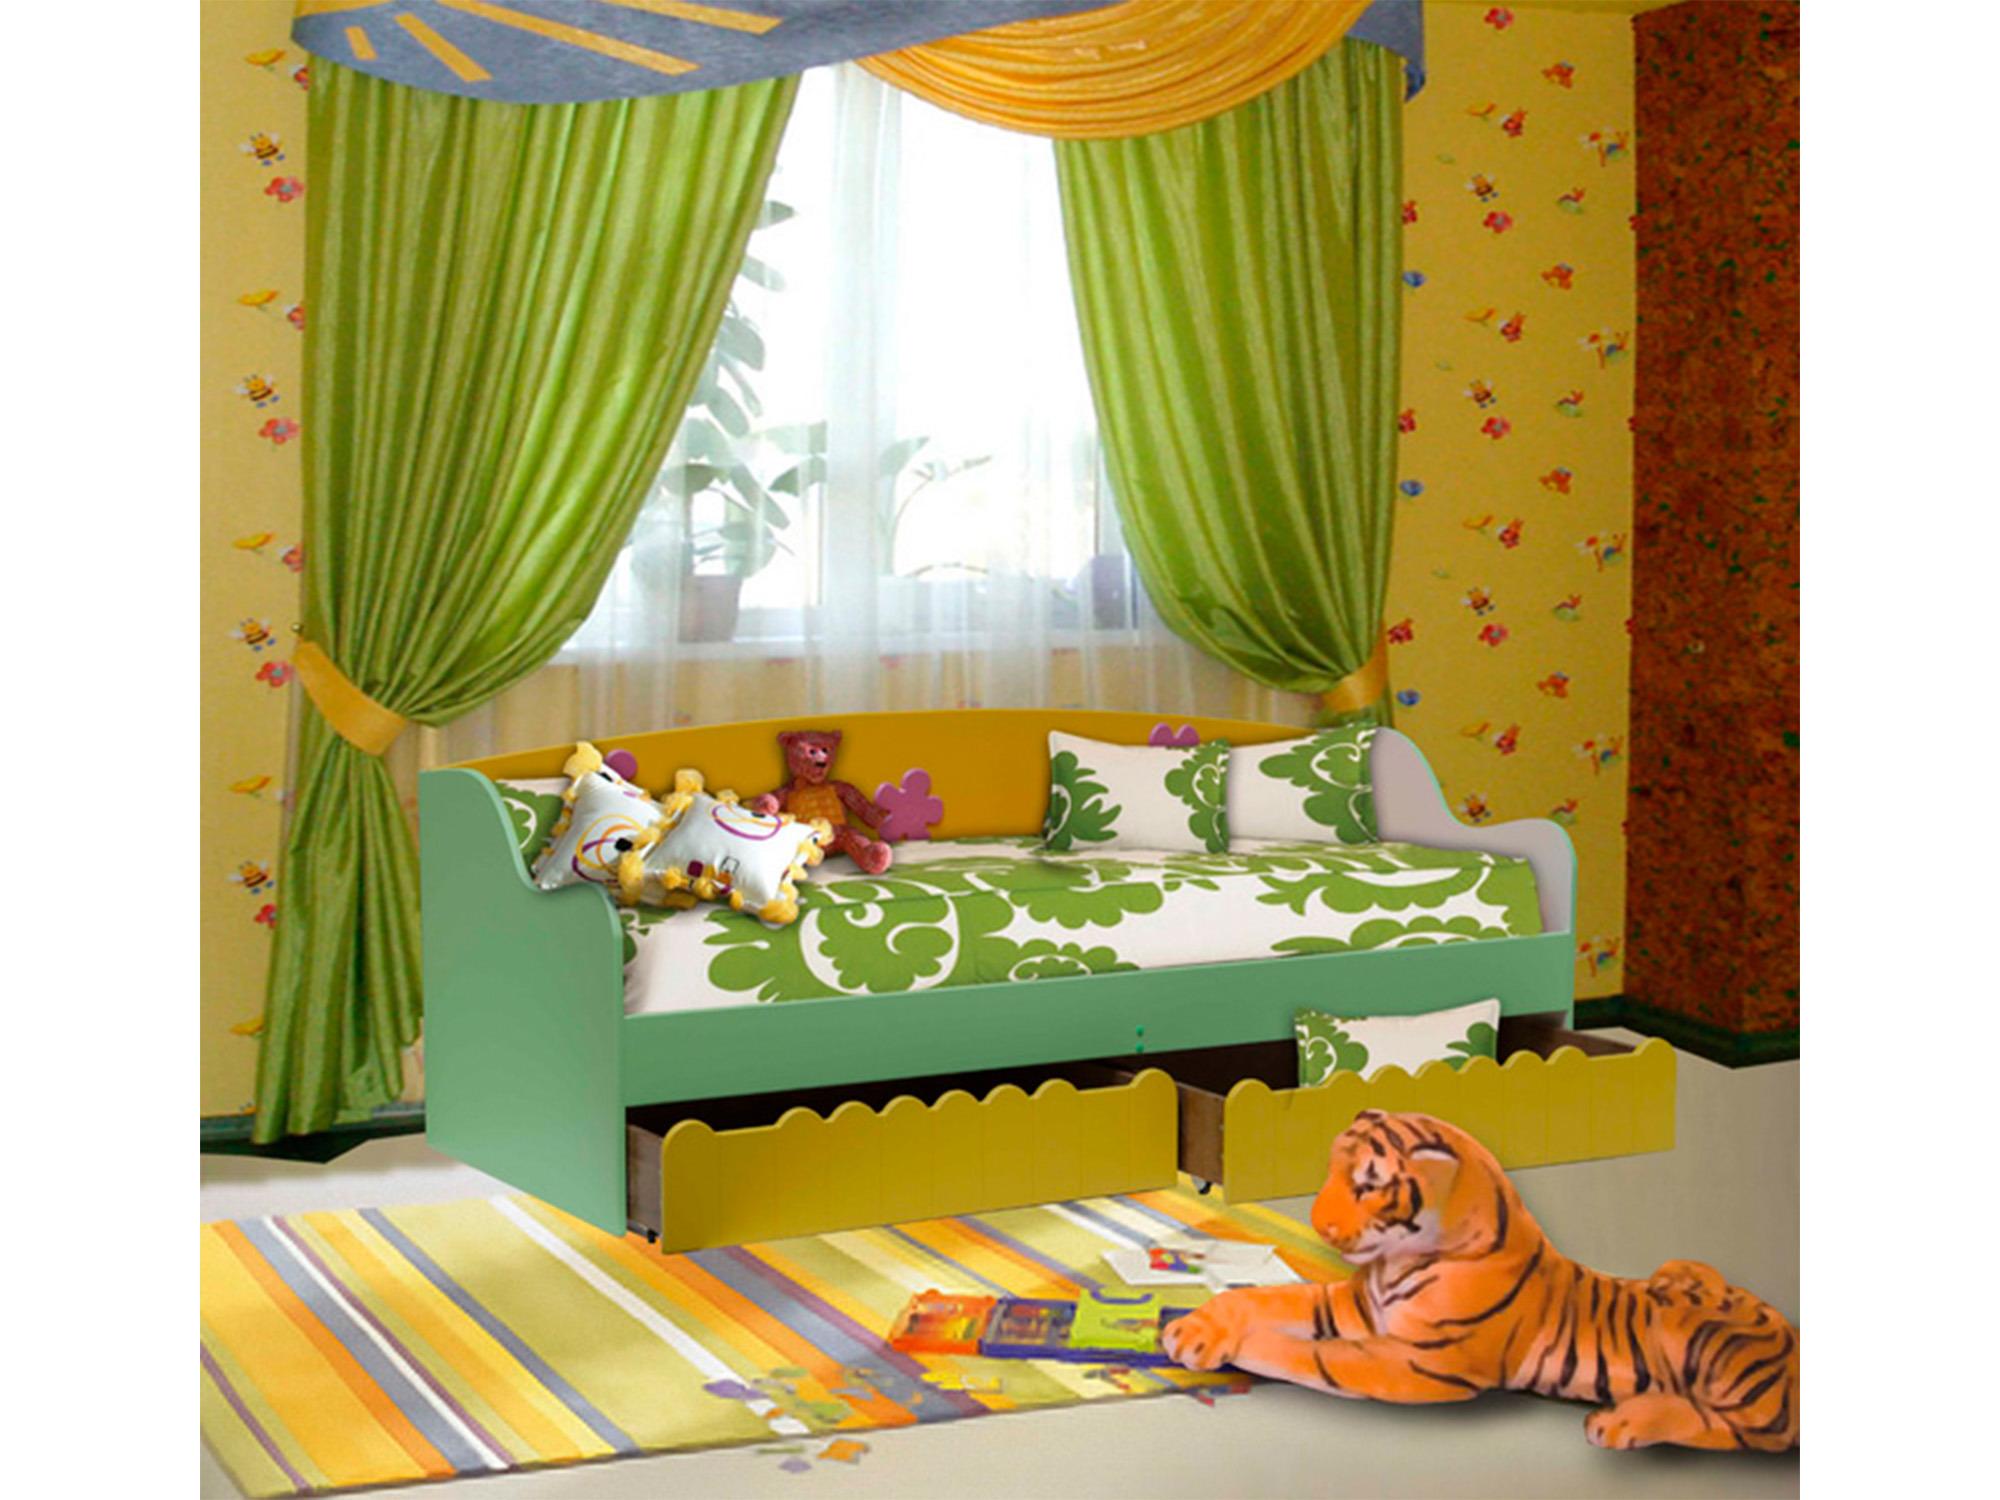 Кровать ЦветочекДетские кровати<br><br><br>Длина мм: 2000<br>Высота мм: 925<br>Глубина мм: 840